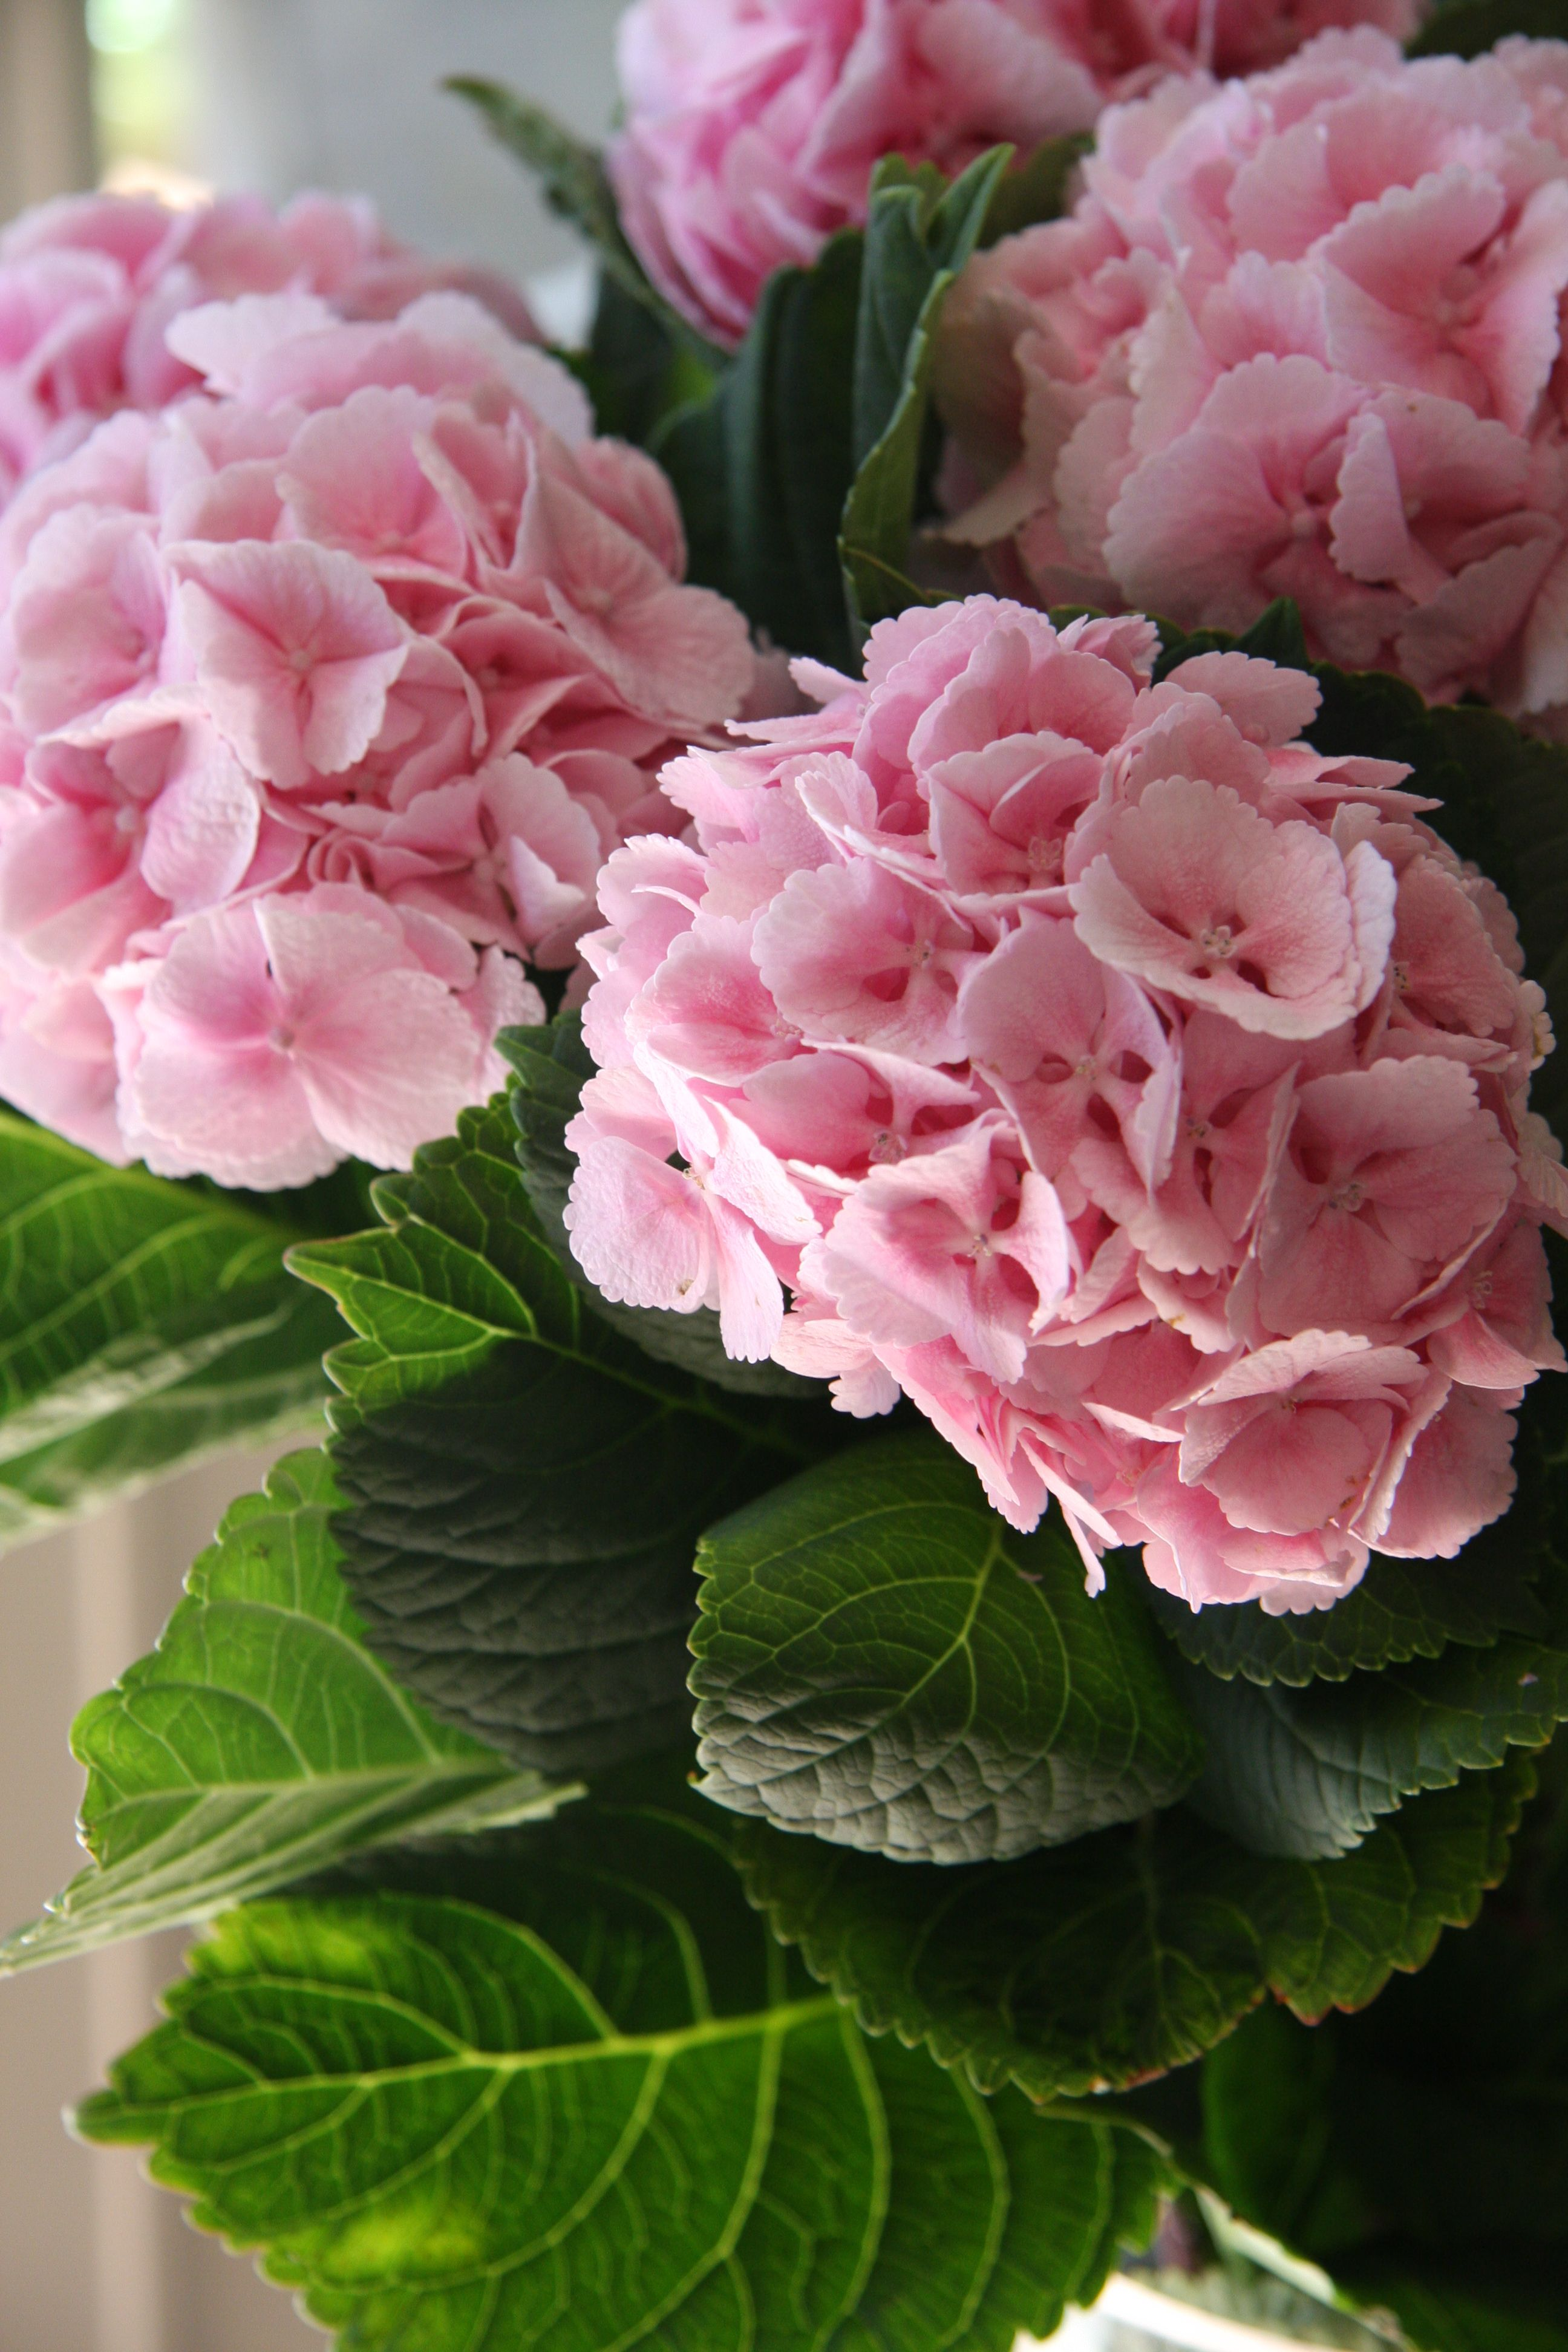 Hydrangea Lolipop Pink Definitely Putting These In My Garden Beautiful Flowers Hydrangea Flower Pink Flowers